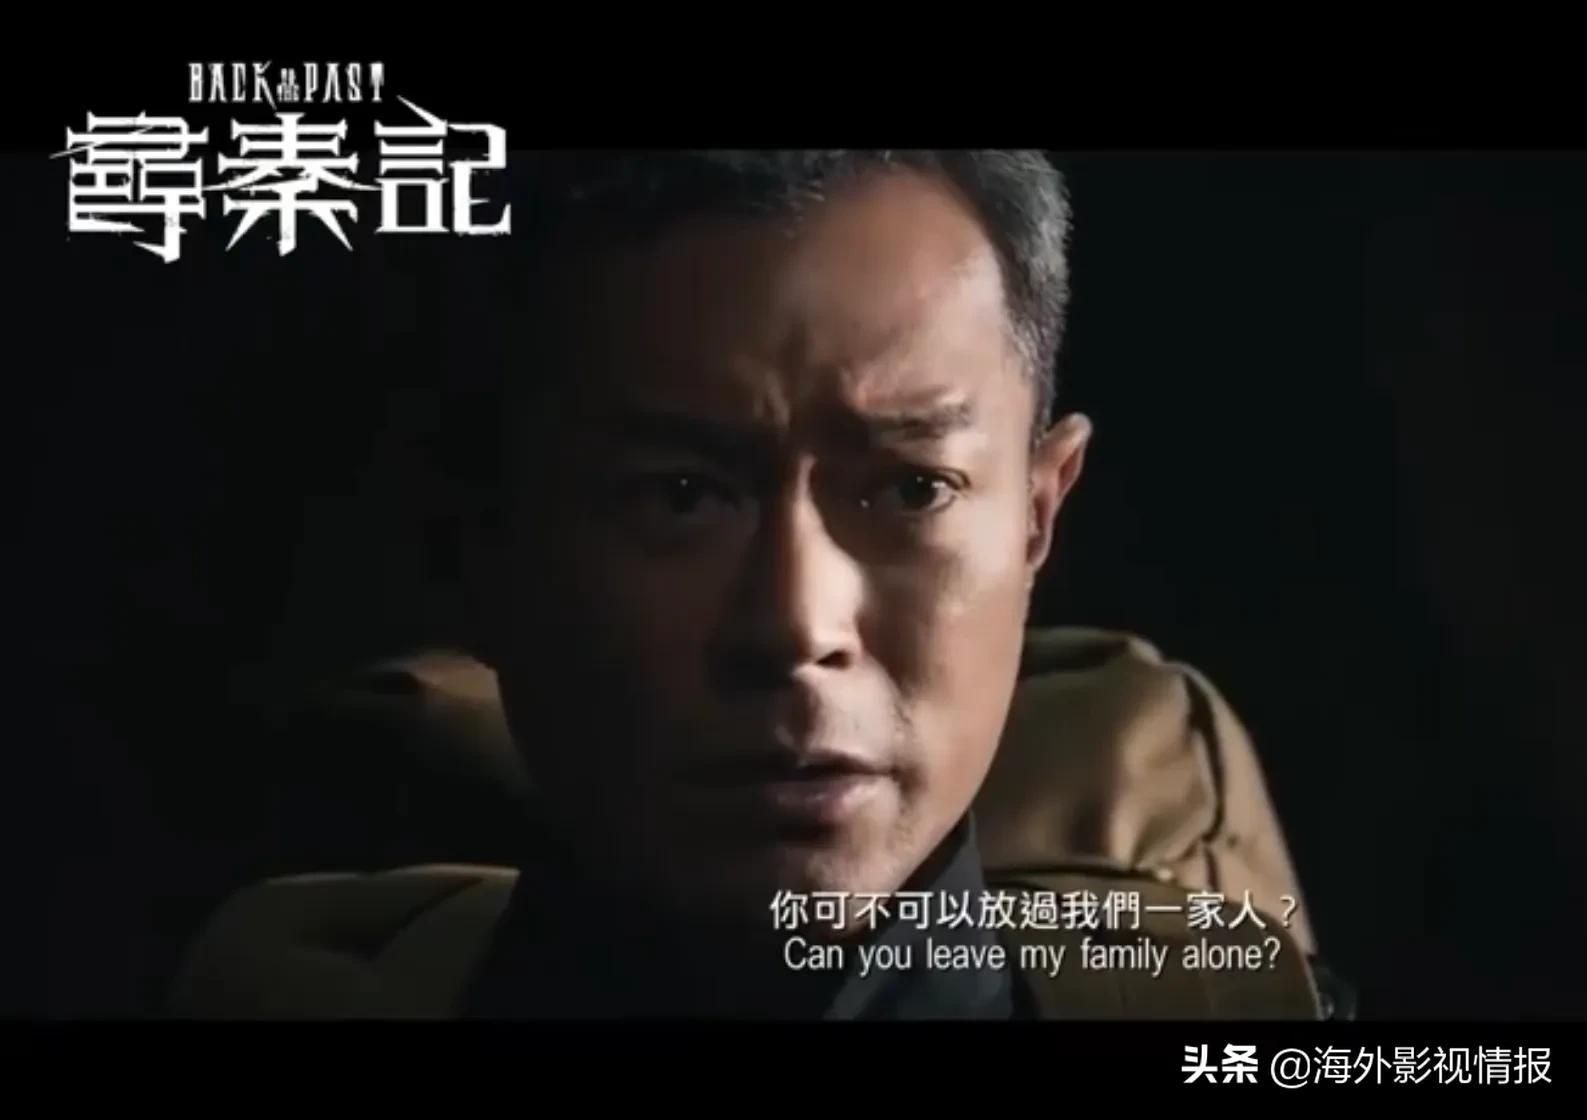 《寻秦记》首发预告,这4位演员却不再登场:两位已逝,一位瘫痪